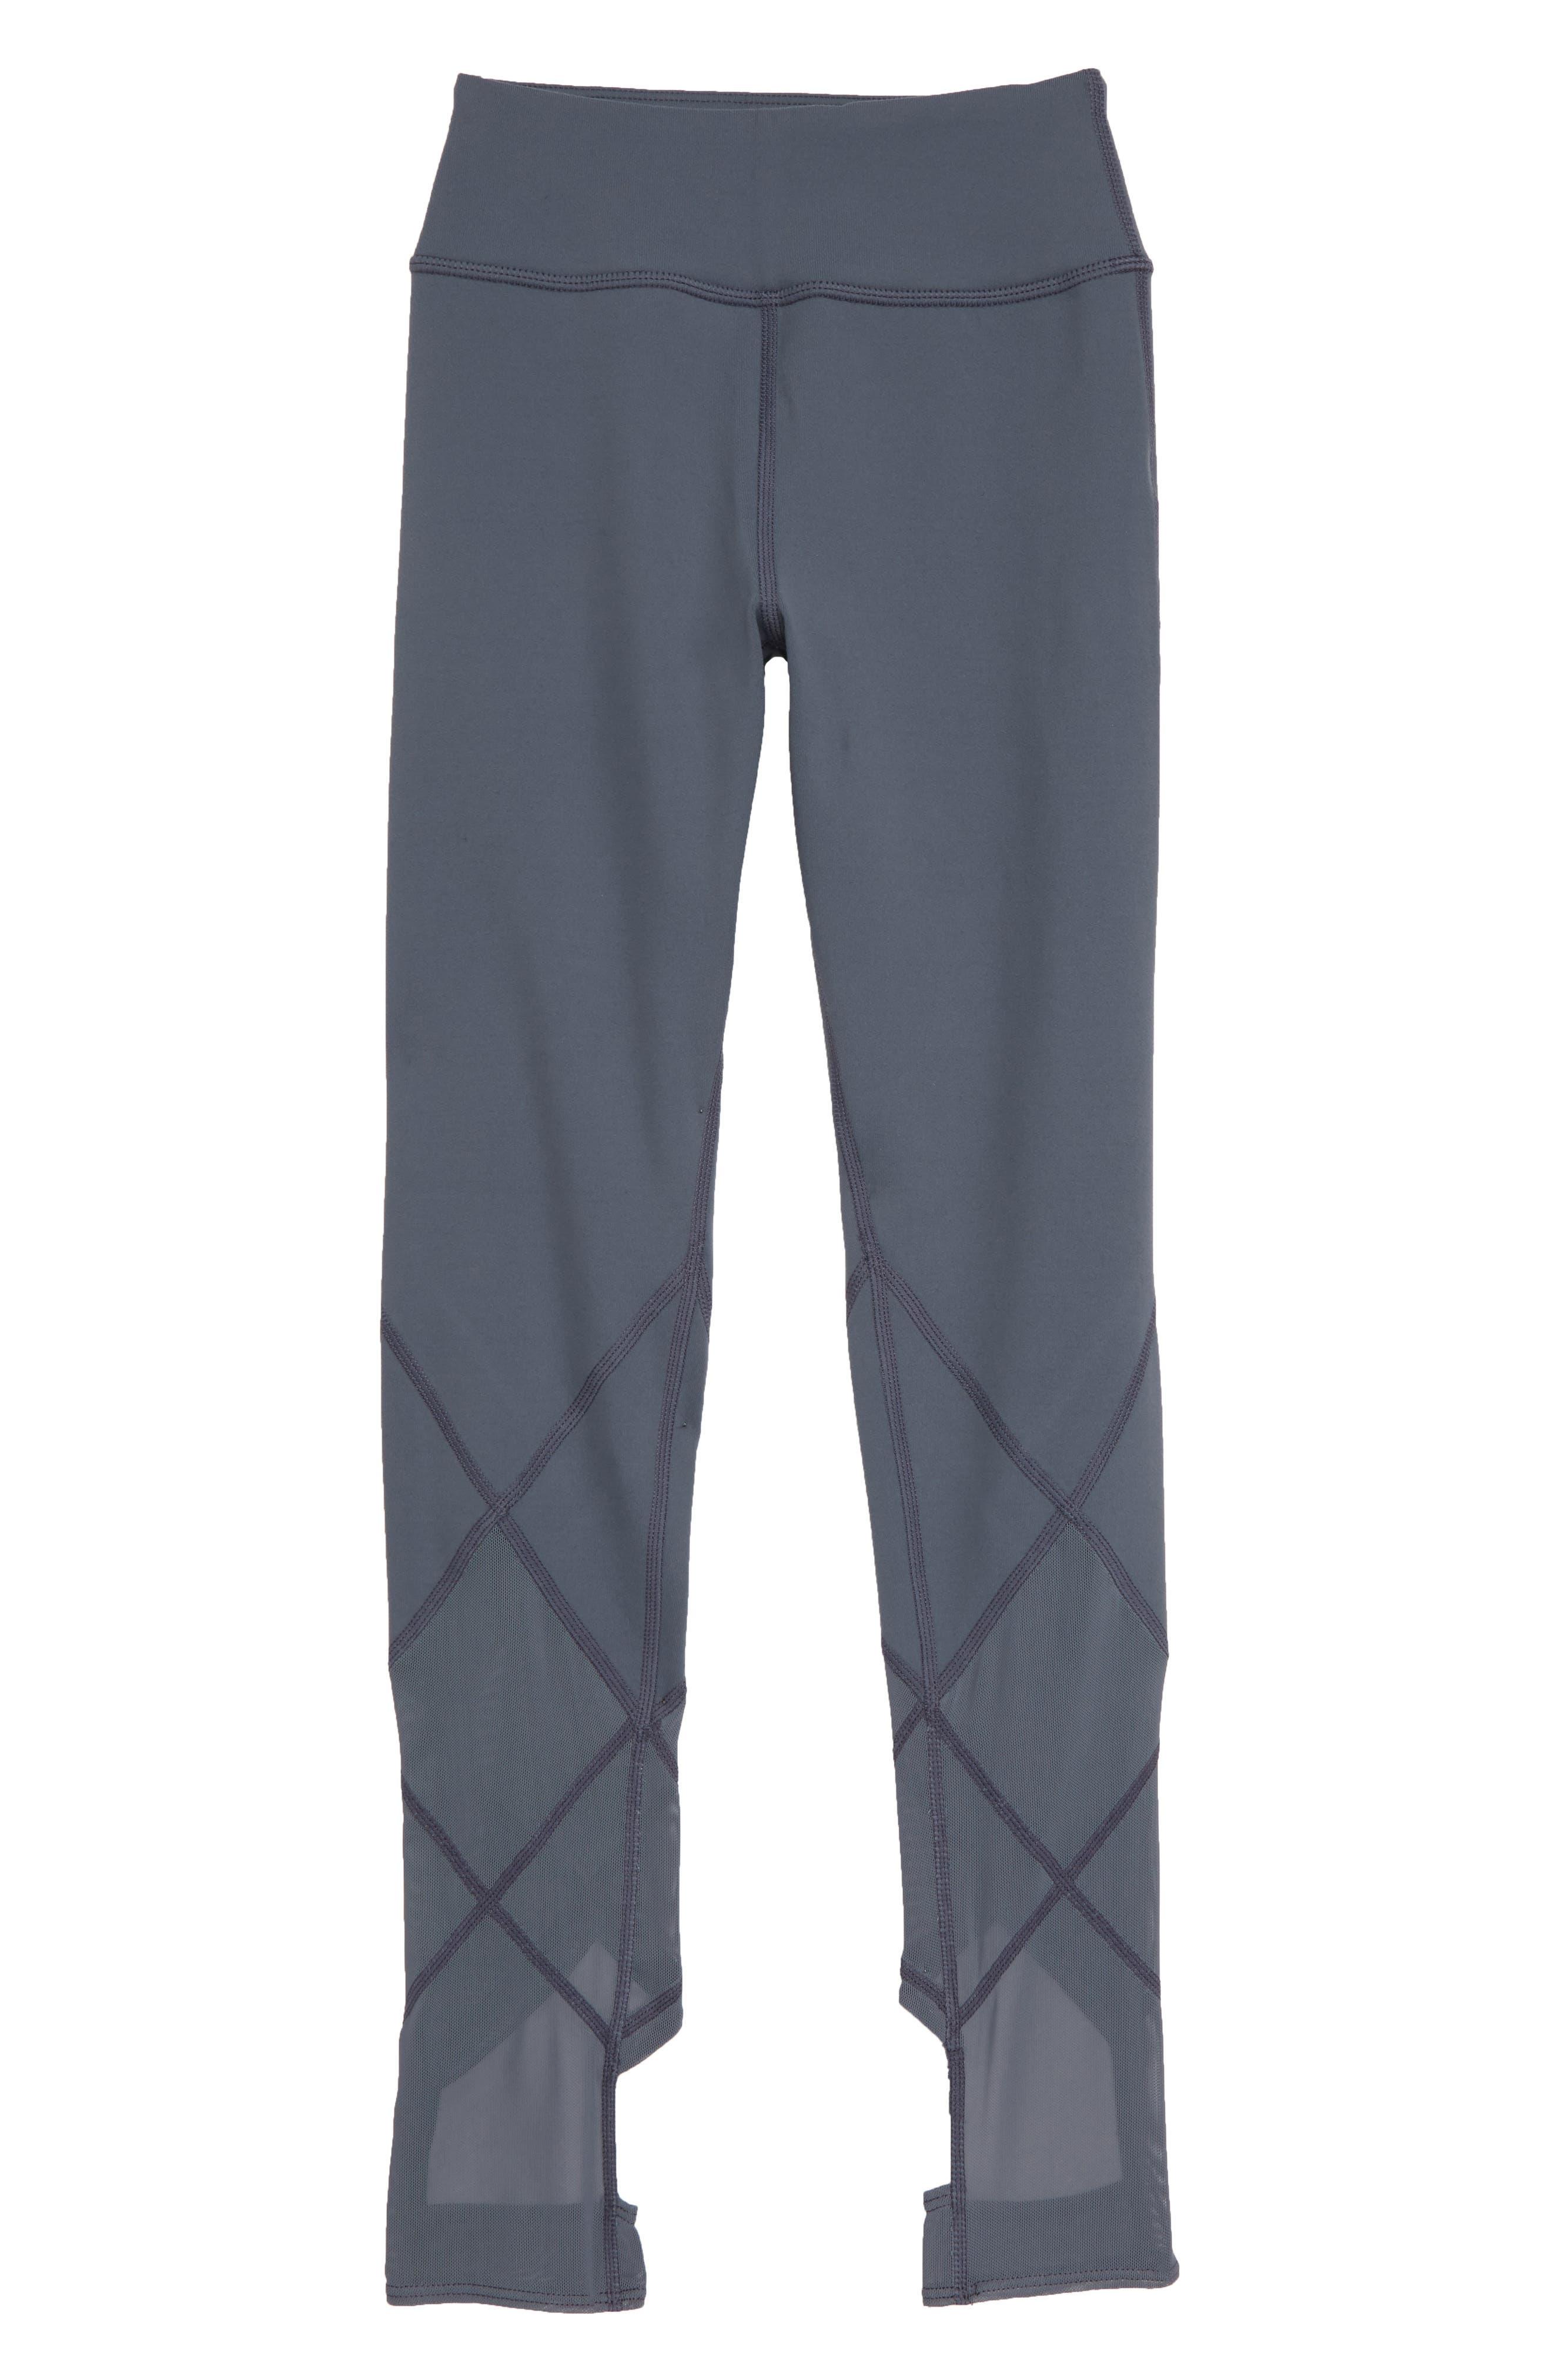 High Waist Diamond Leggings,                         Main,                         color, 030